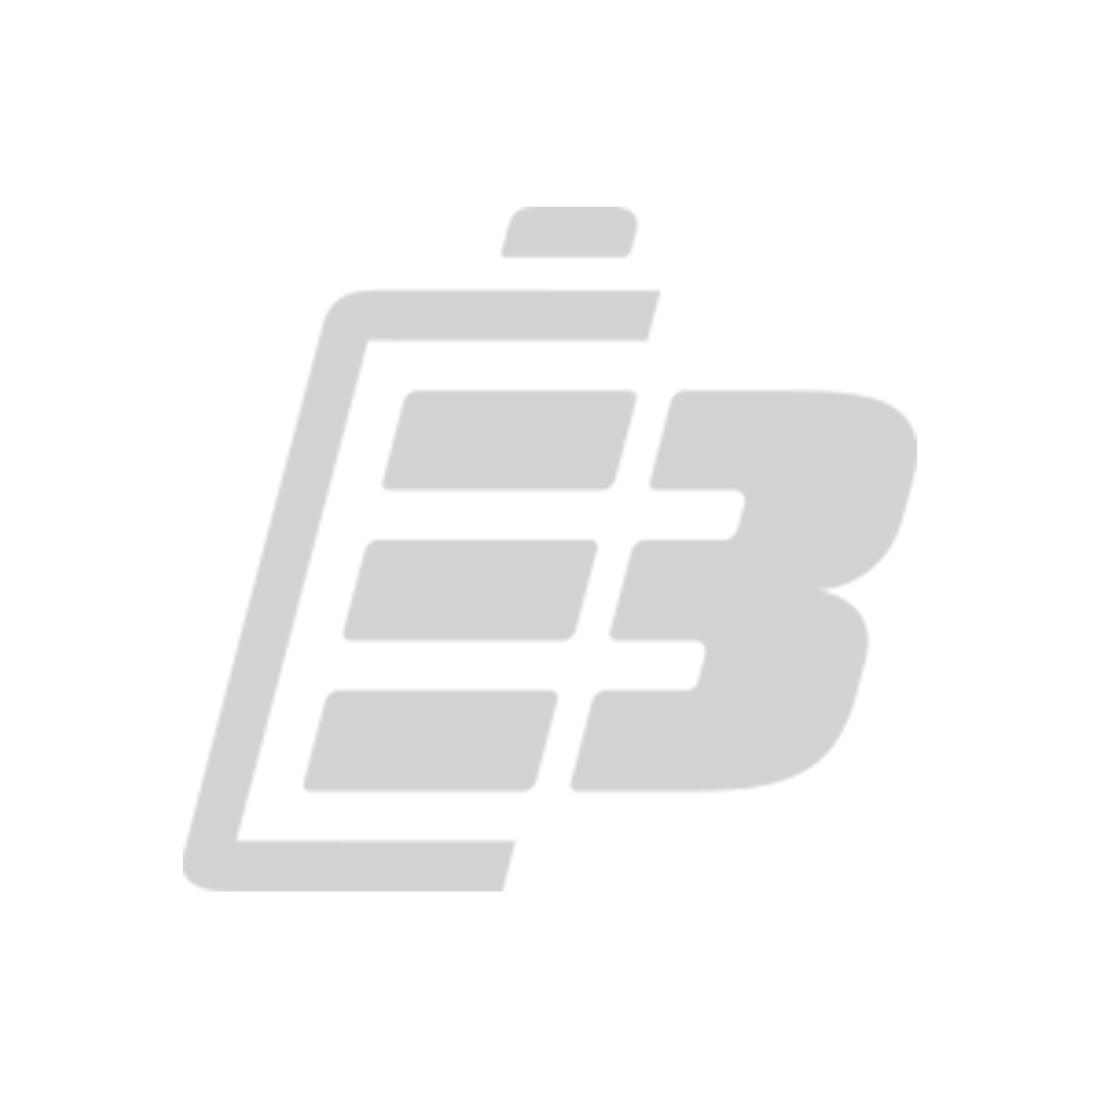 Μπαταρία ηλεκτρικού εργαλείου Black & Decker 18V 3.0Ah_1